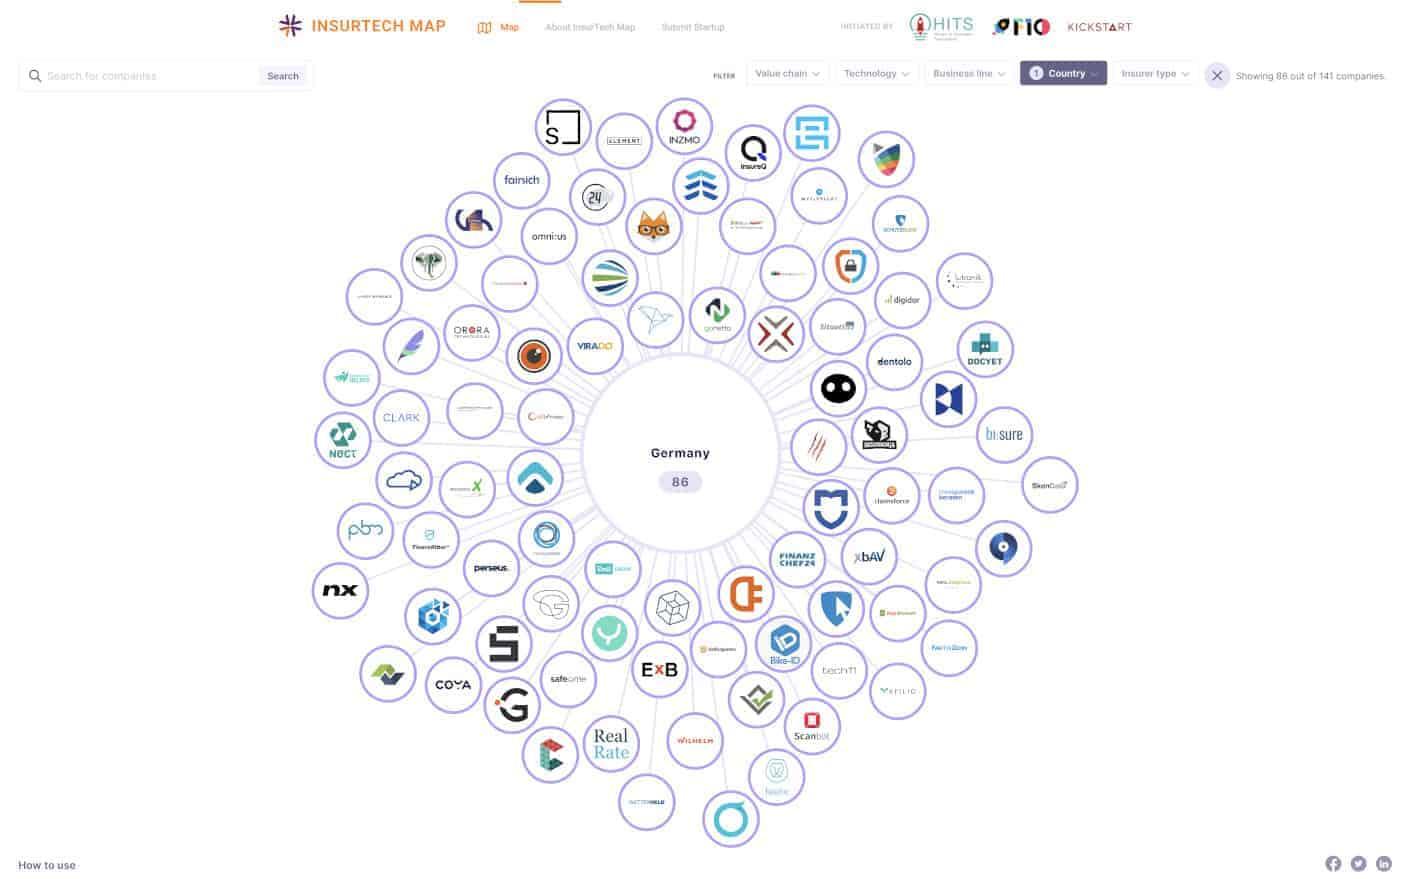 Hier die Auswahl der deutschen Startups und Insurtechs auf der InsurTech Map. <Q> HITS, F10, Kickstart